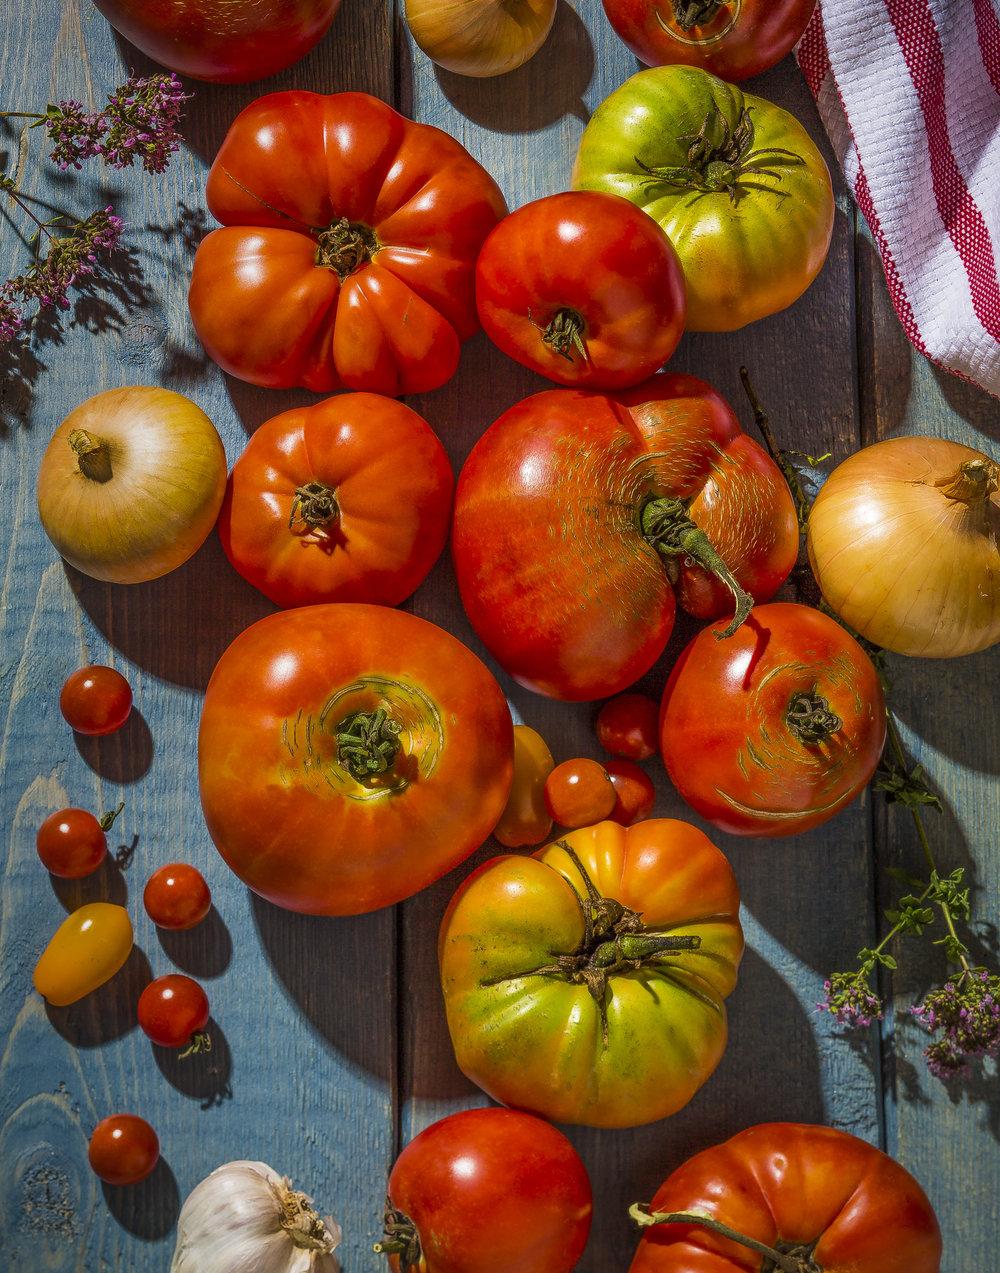 Jan-Tomato Still Life0274-Edit.jpg